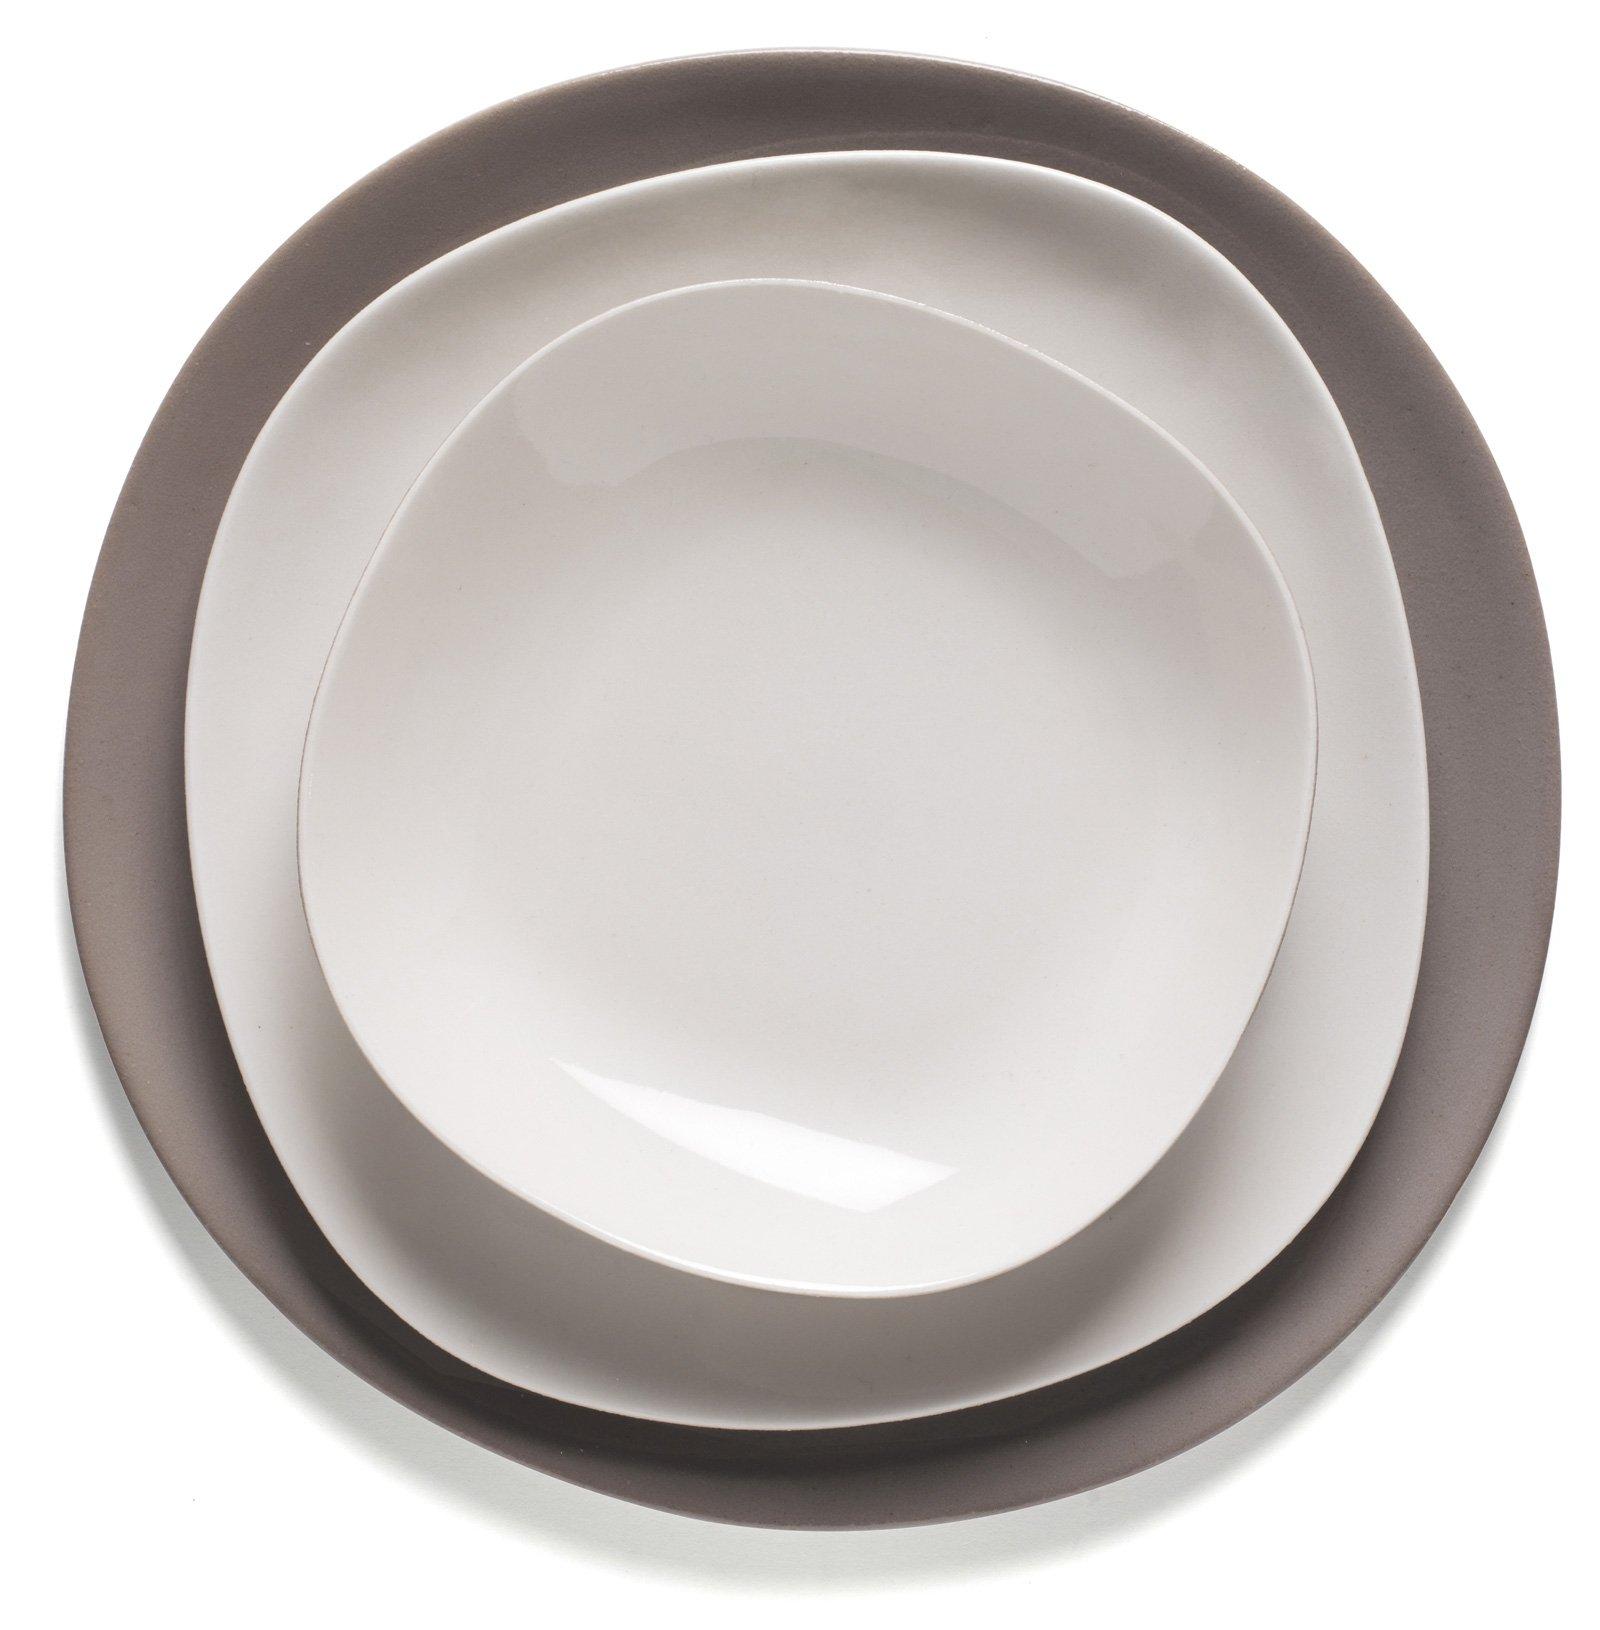 Beautiful piatti da cucina moderni gallery home interior - Servizio piatti design ...